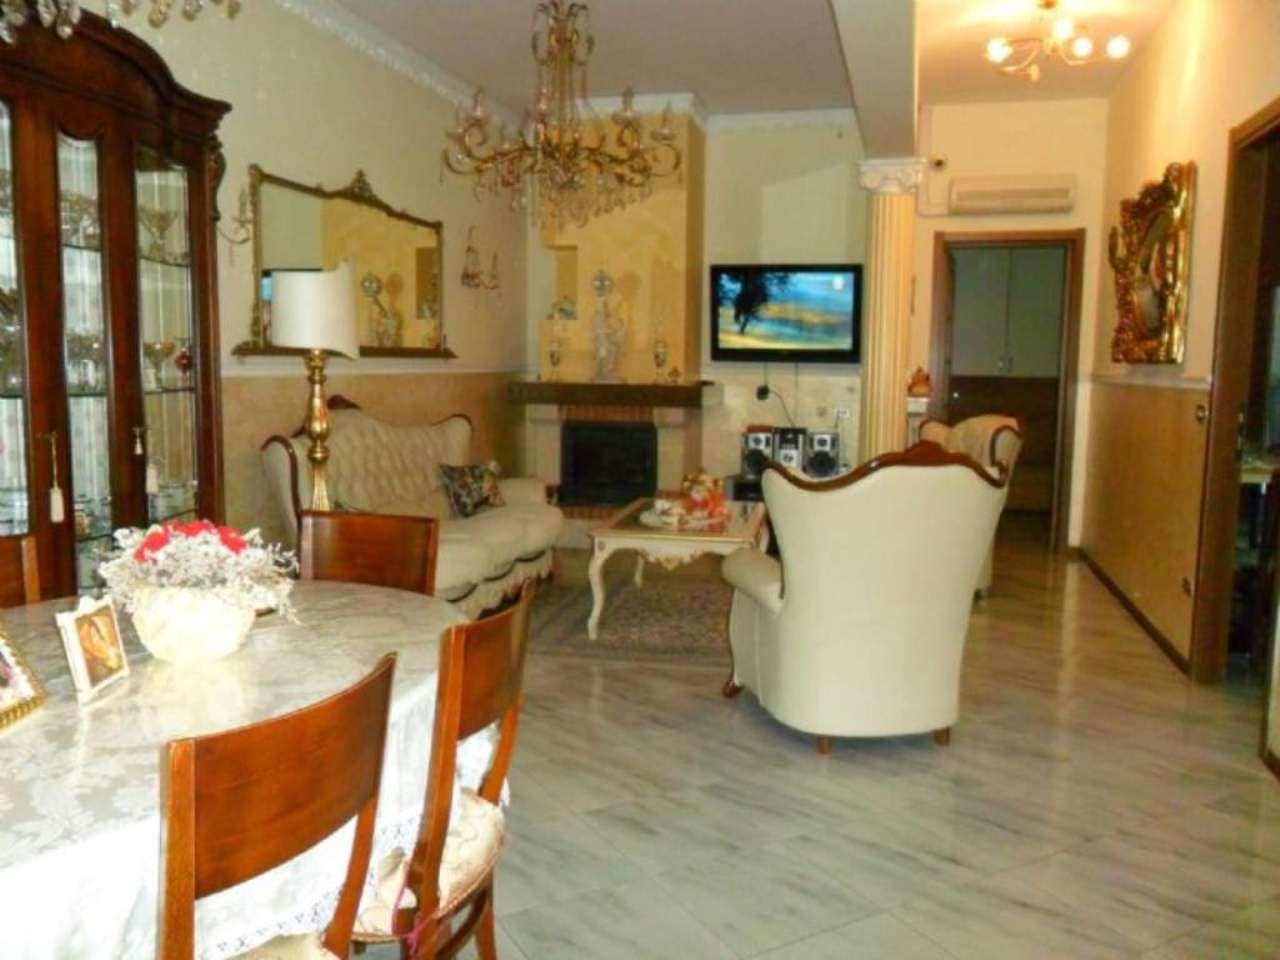 Soluzione Indipendente in vendita a Medesano, 5 locali, prezzo € 150.000 | Cambio Casa.it